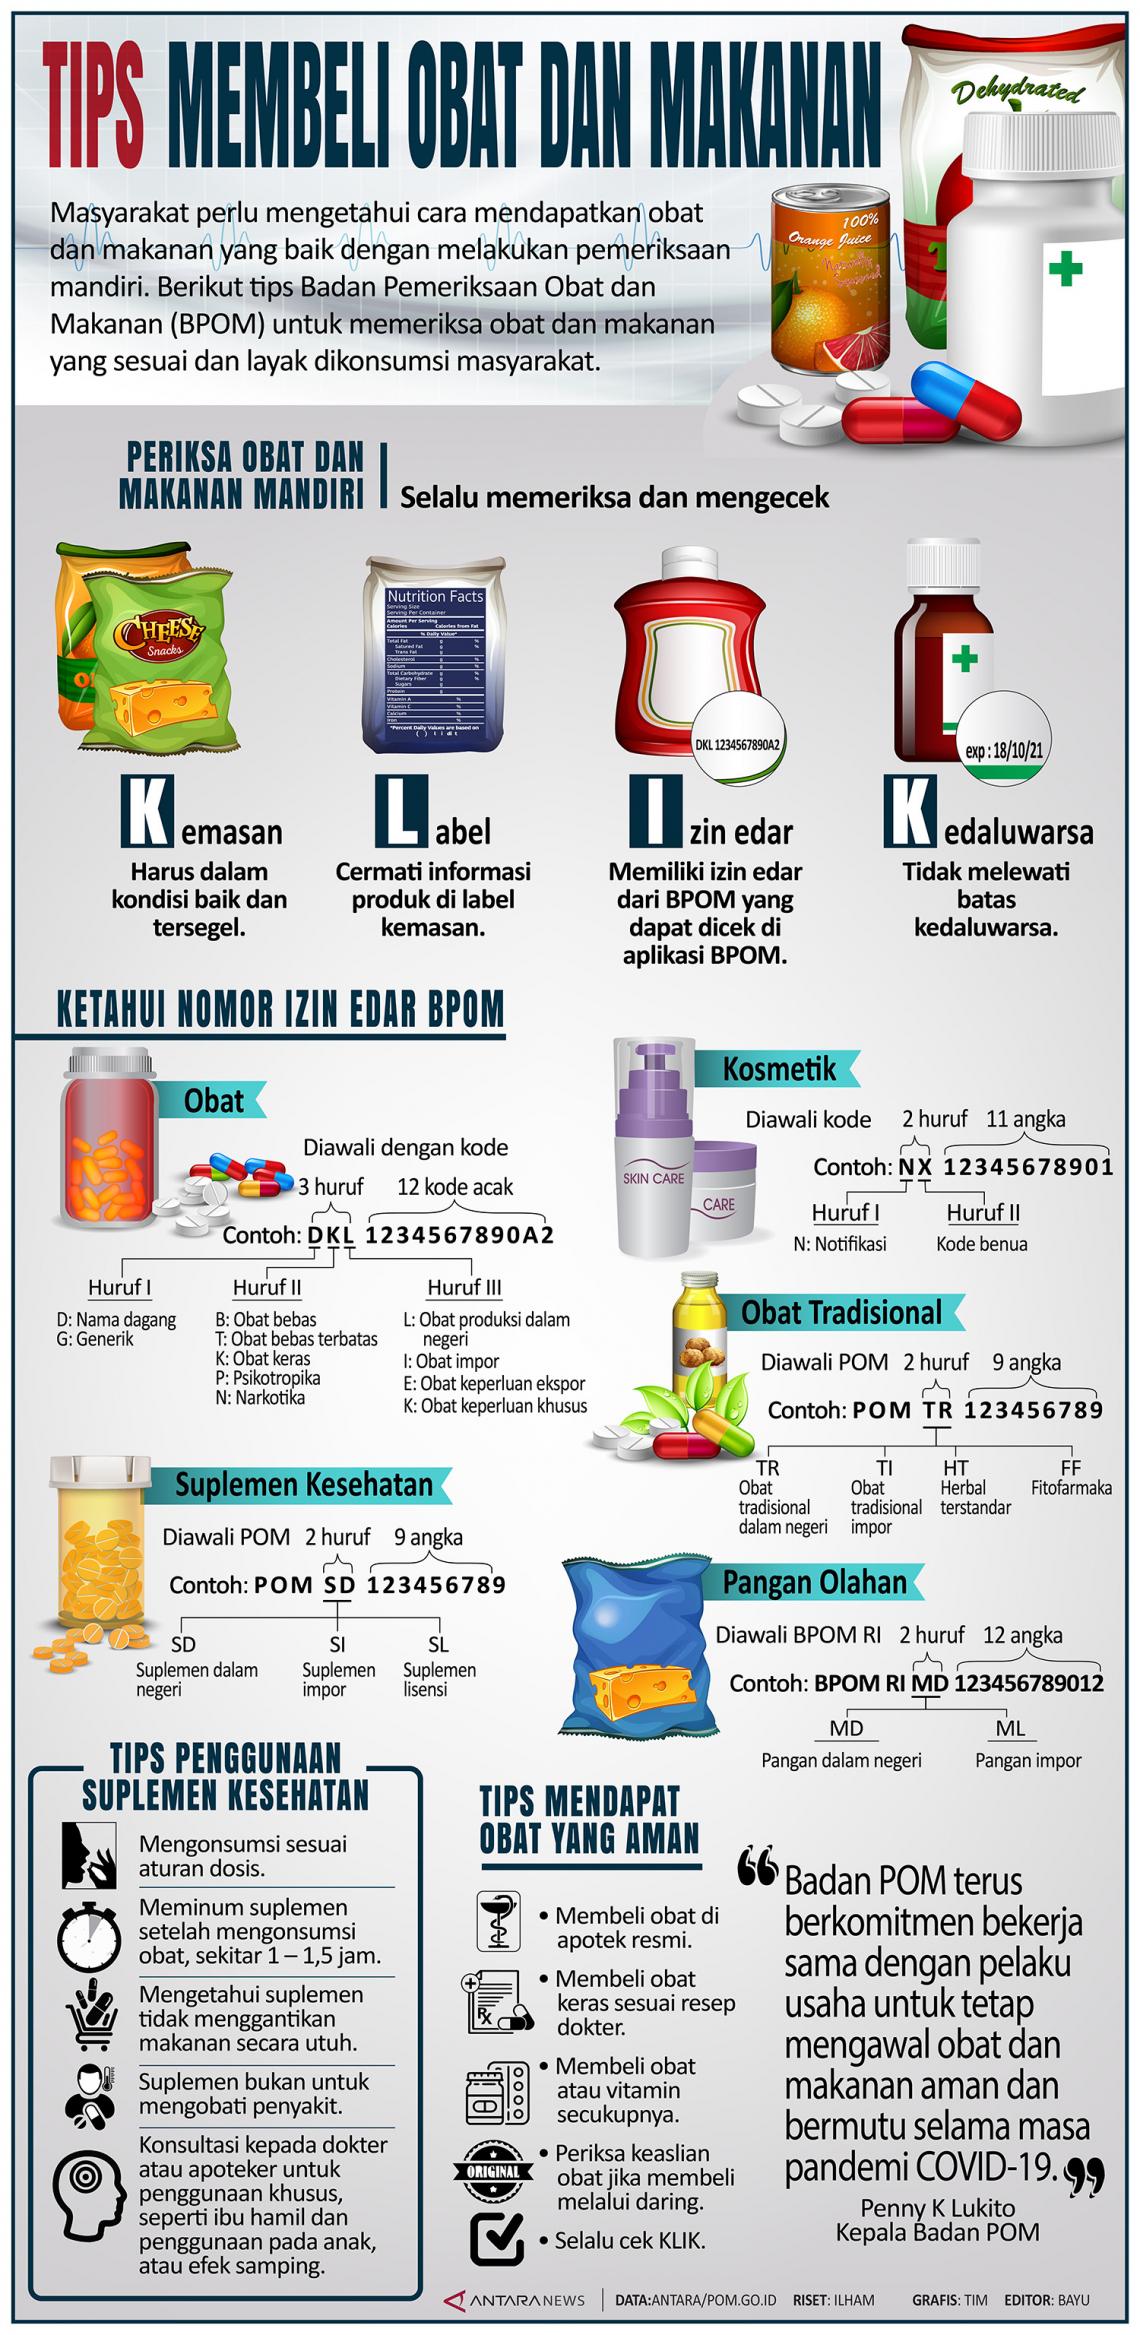 Tips membeli obat dan makanan